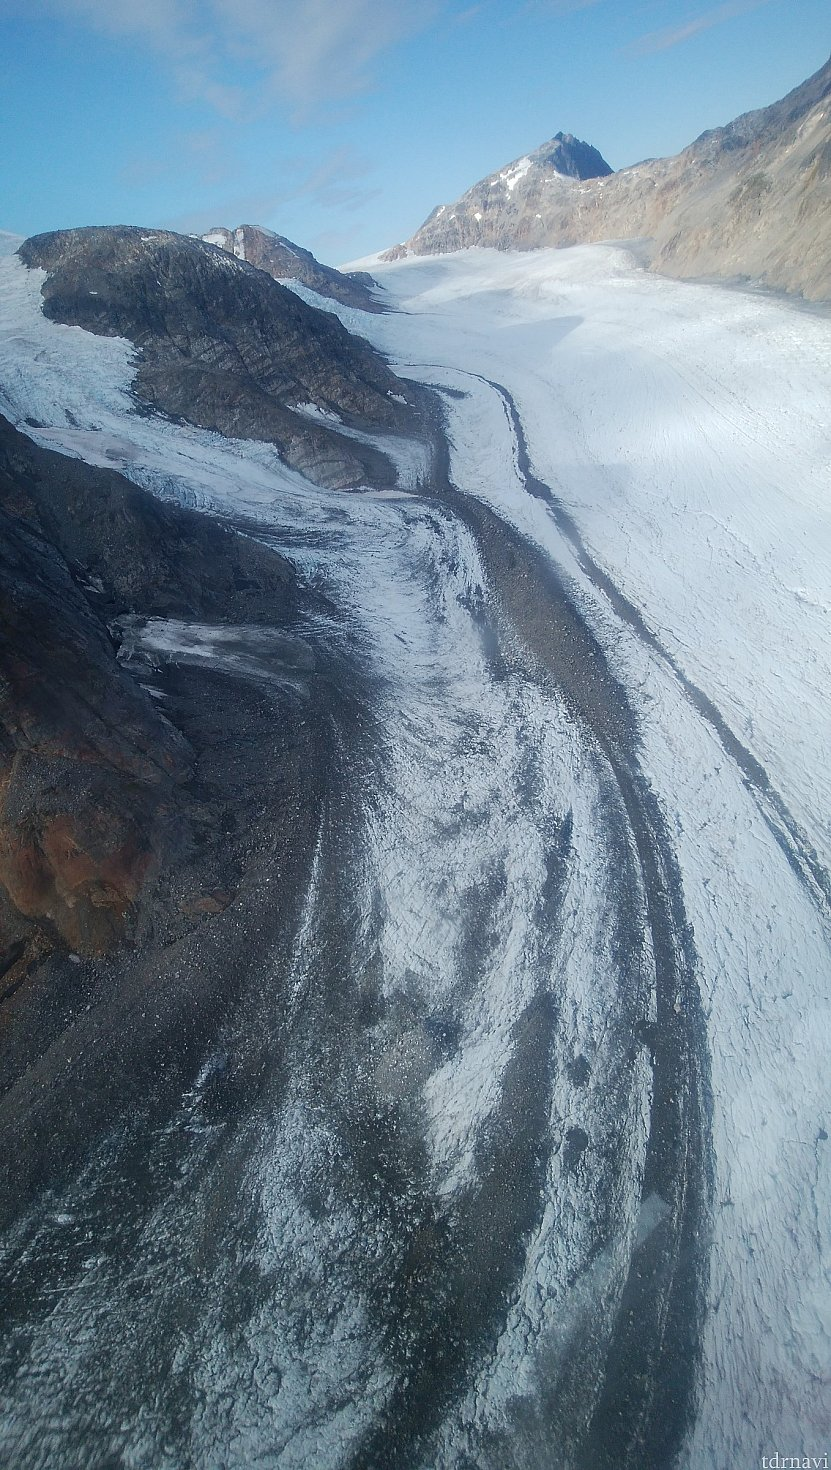 氷河のシマ模様、崩れた岩石が氷河上に溜まり、氷河の流れと共に少しずつ下流に流れていくためできるそうです。